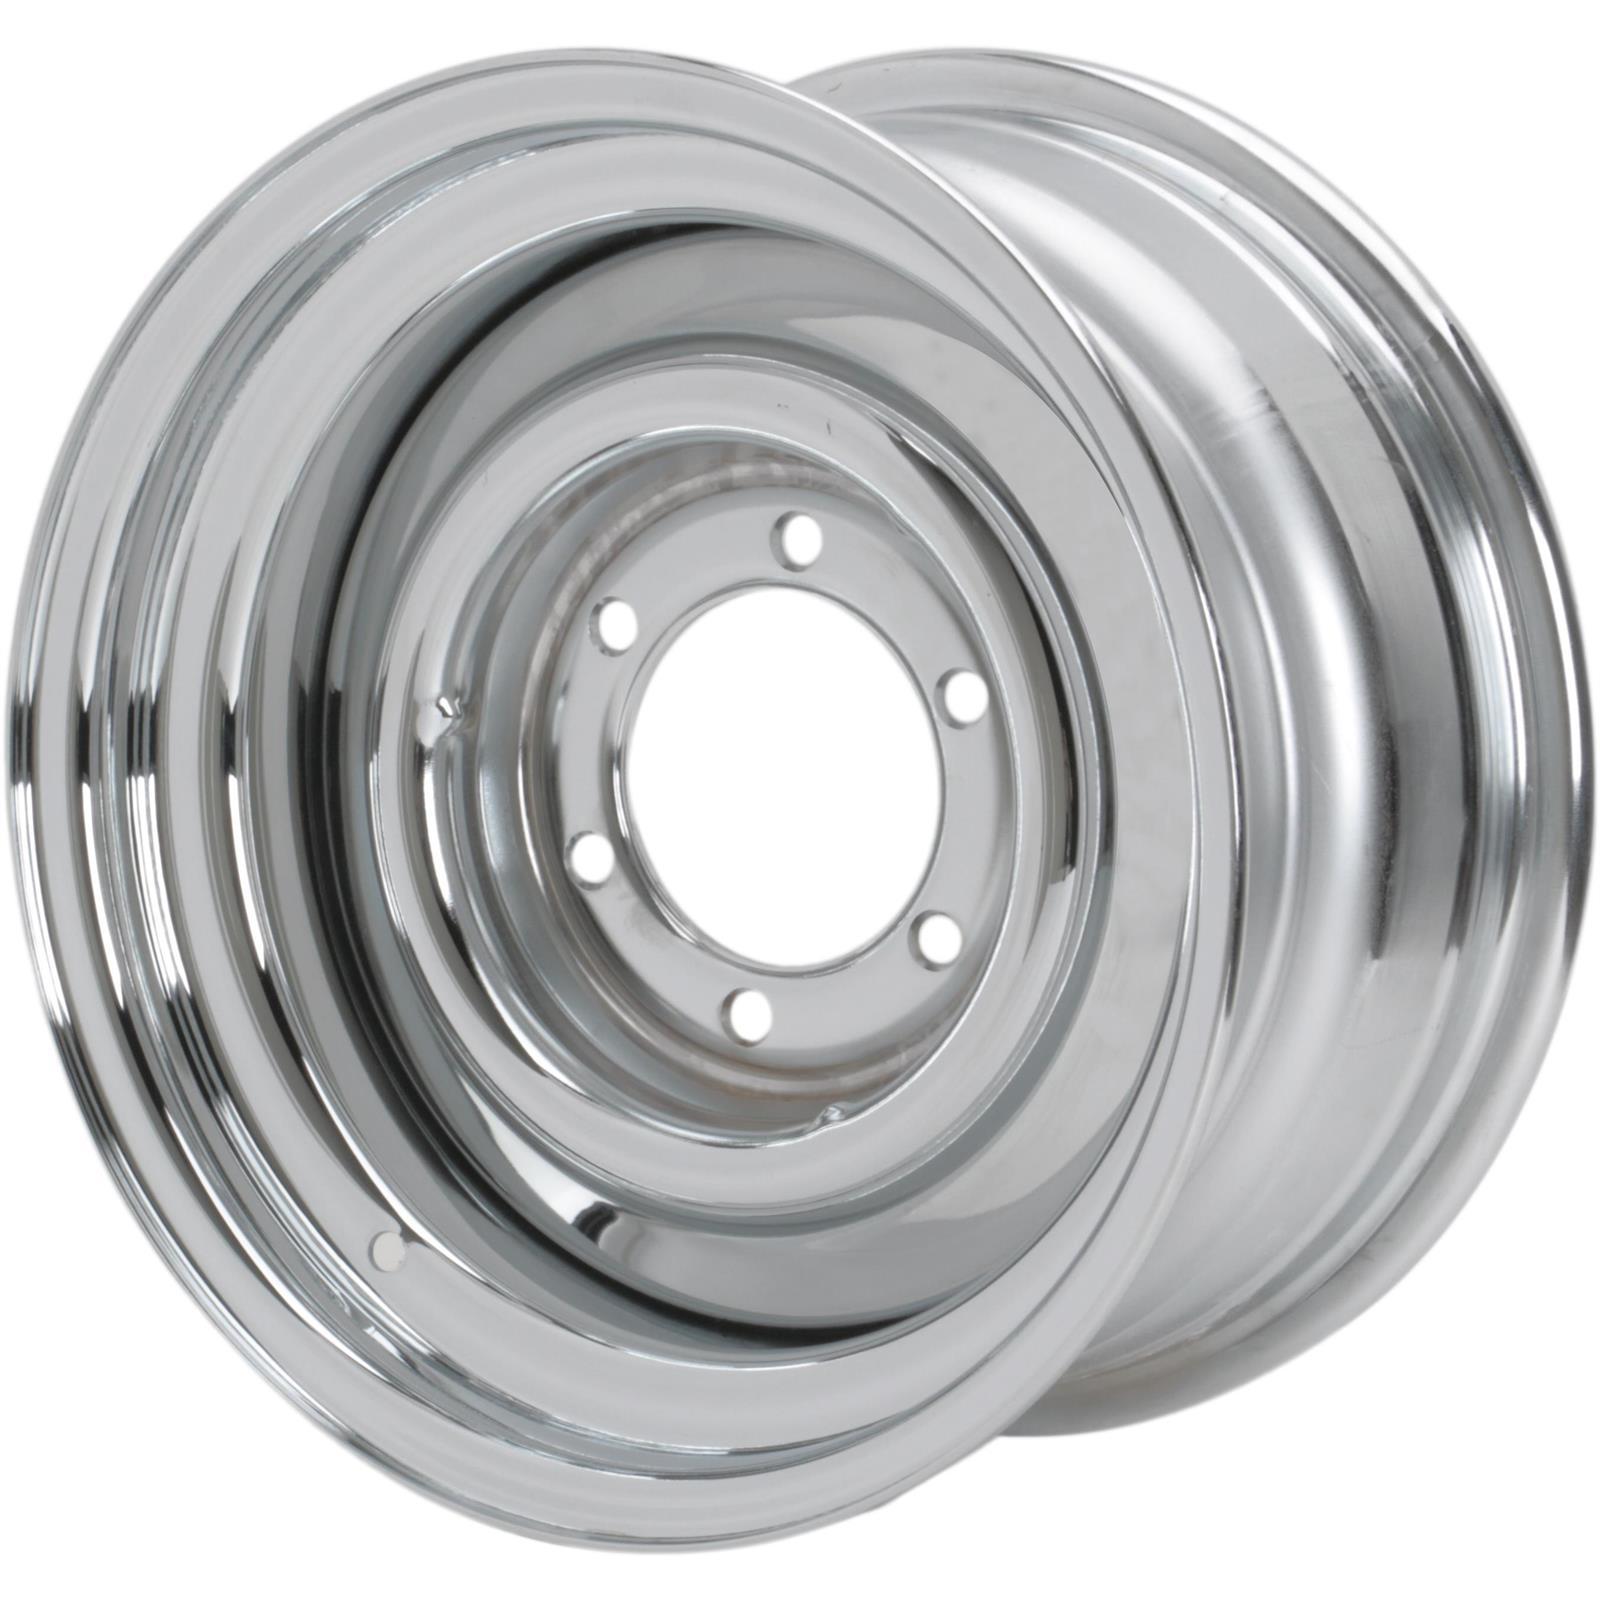 Speedway Smoothie 15x8  Steel Wheel, 6 on 5.5 Inch, 4.25 BS